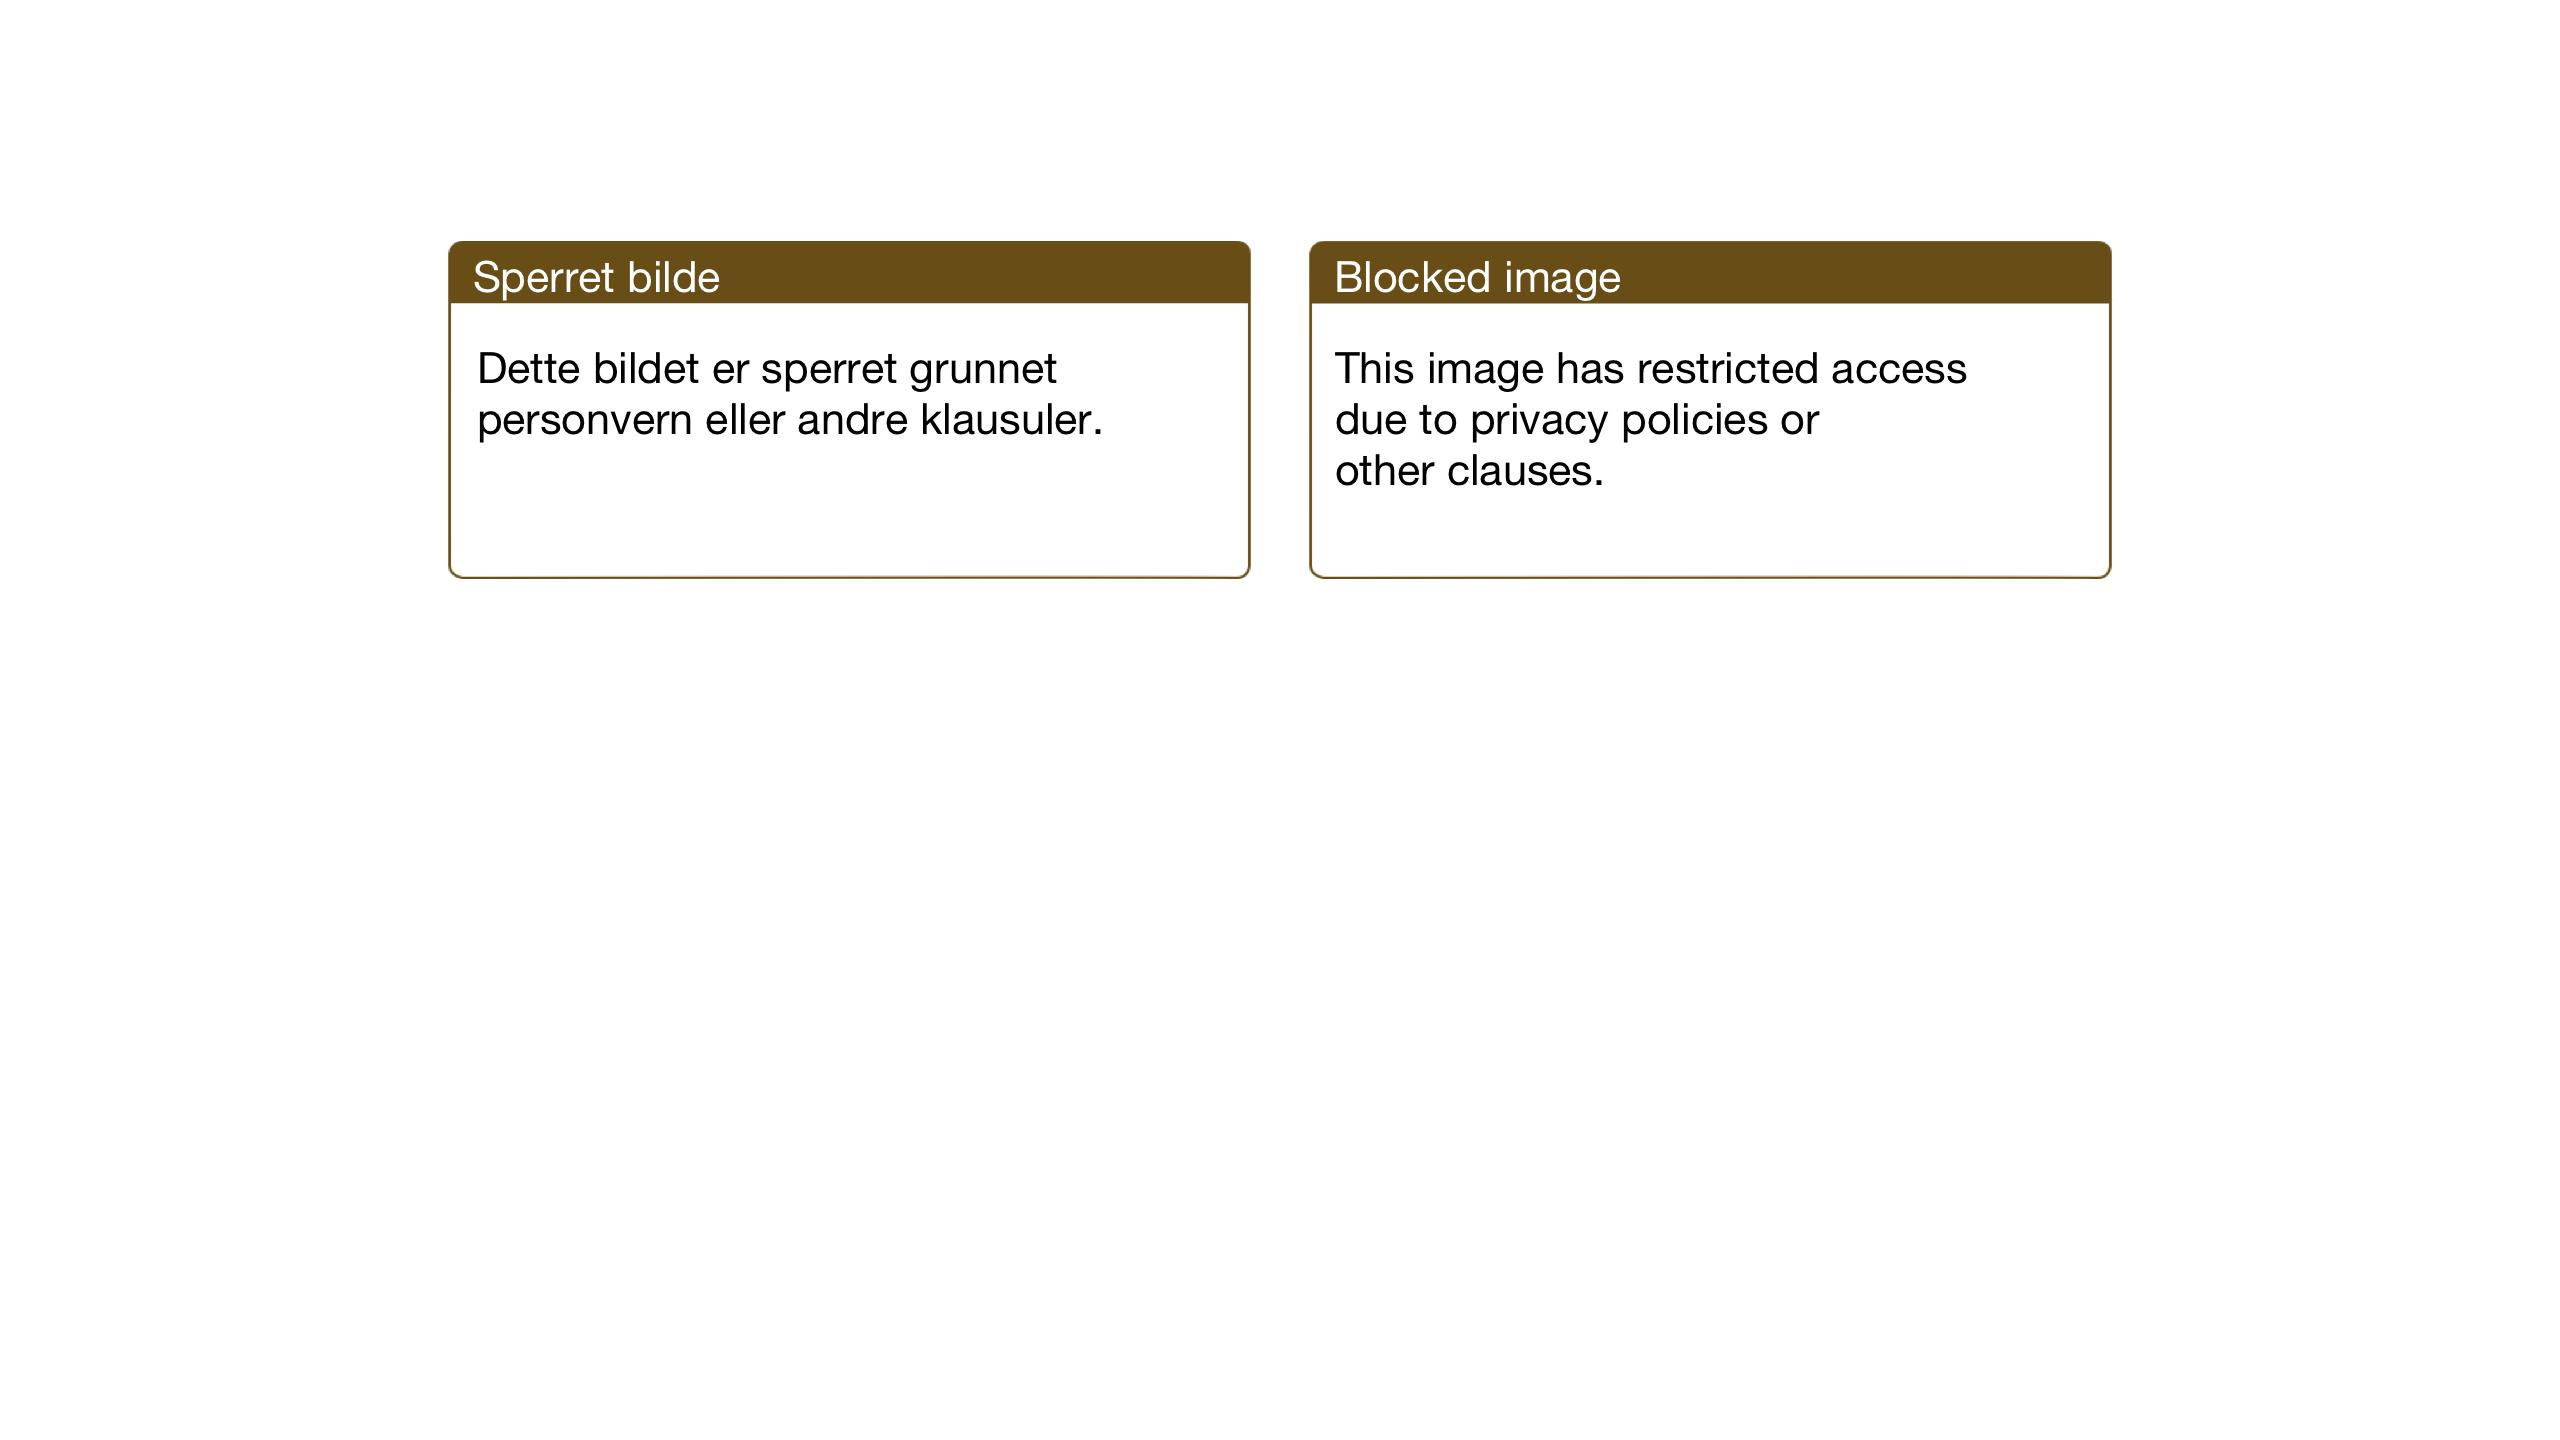 SAT, Ministerialprotokoller, klokkerbøker og fødselsregistre - Nord-Trøndelag, 710/L0097: Klokkerbok nr. 710C02, 1925-1955, s. 158